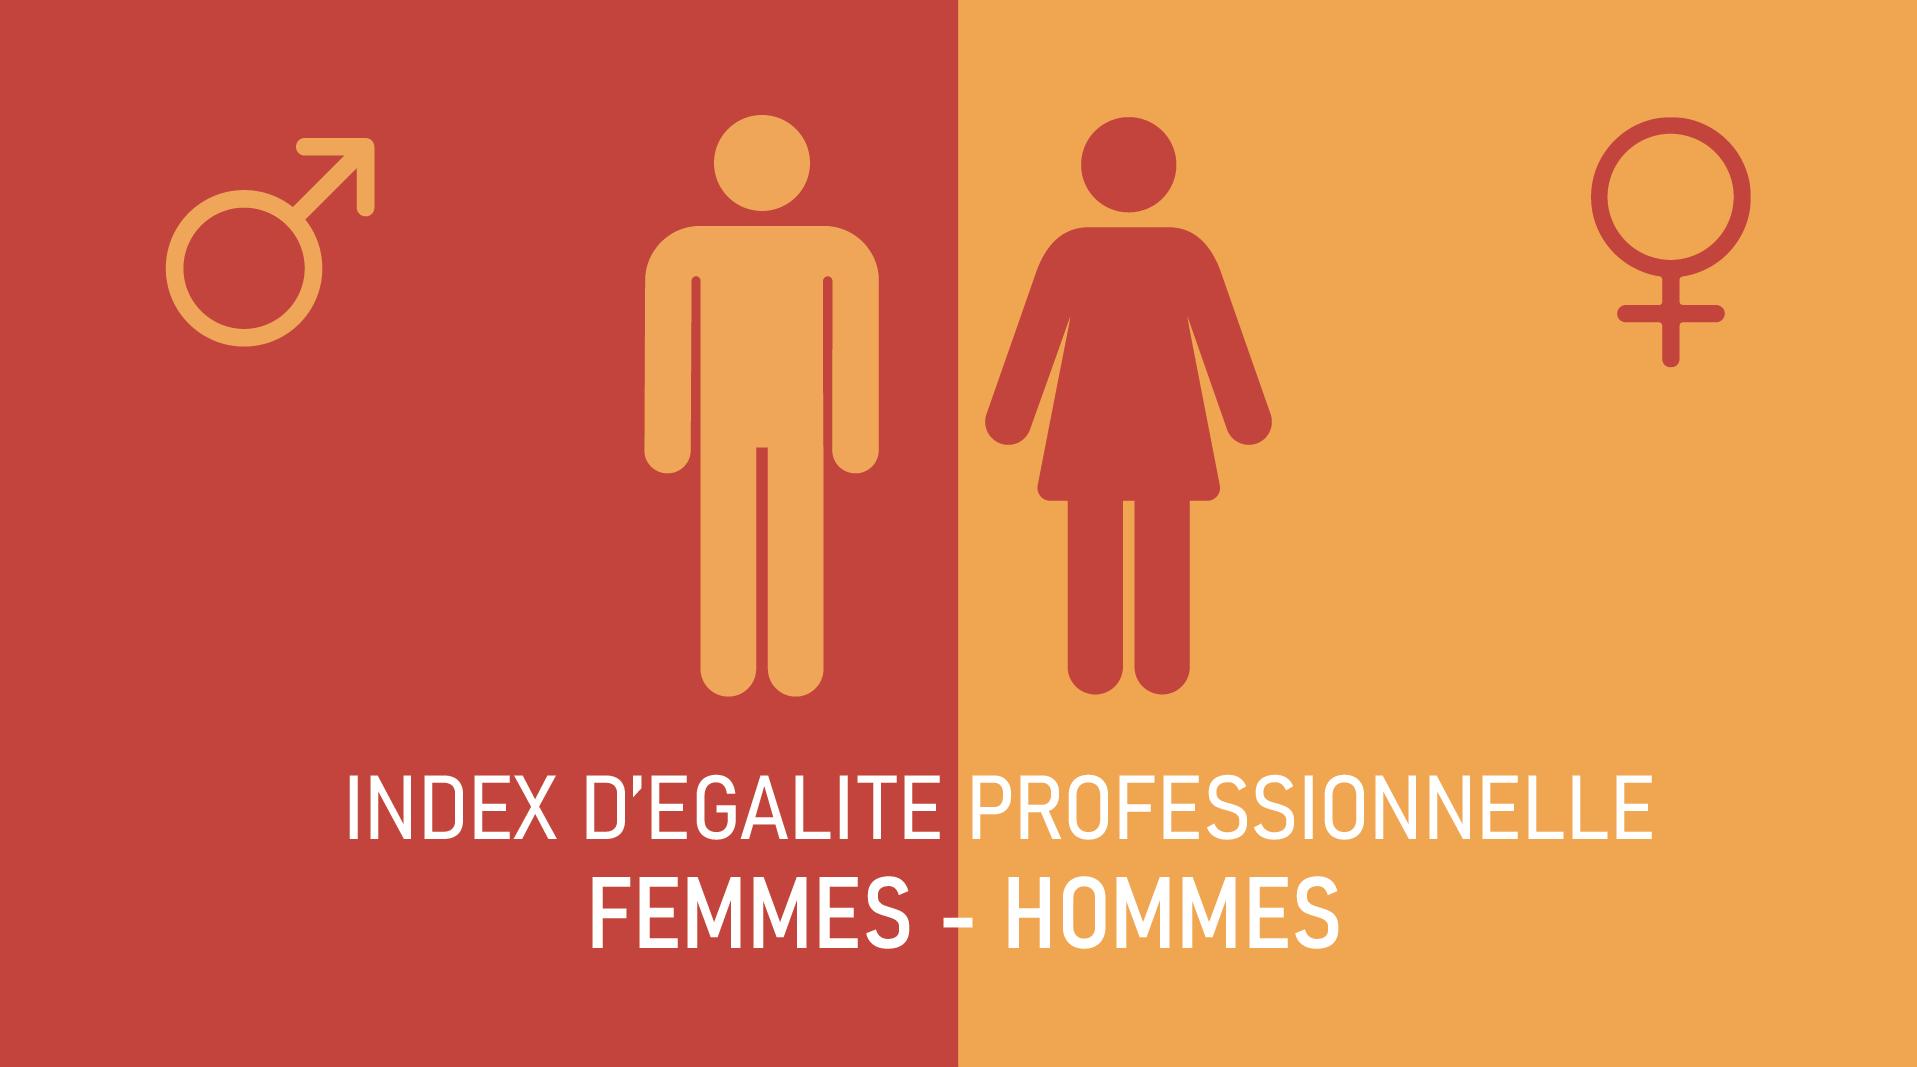 Index Egalité professionnelle